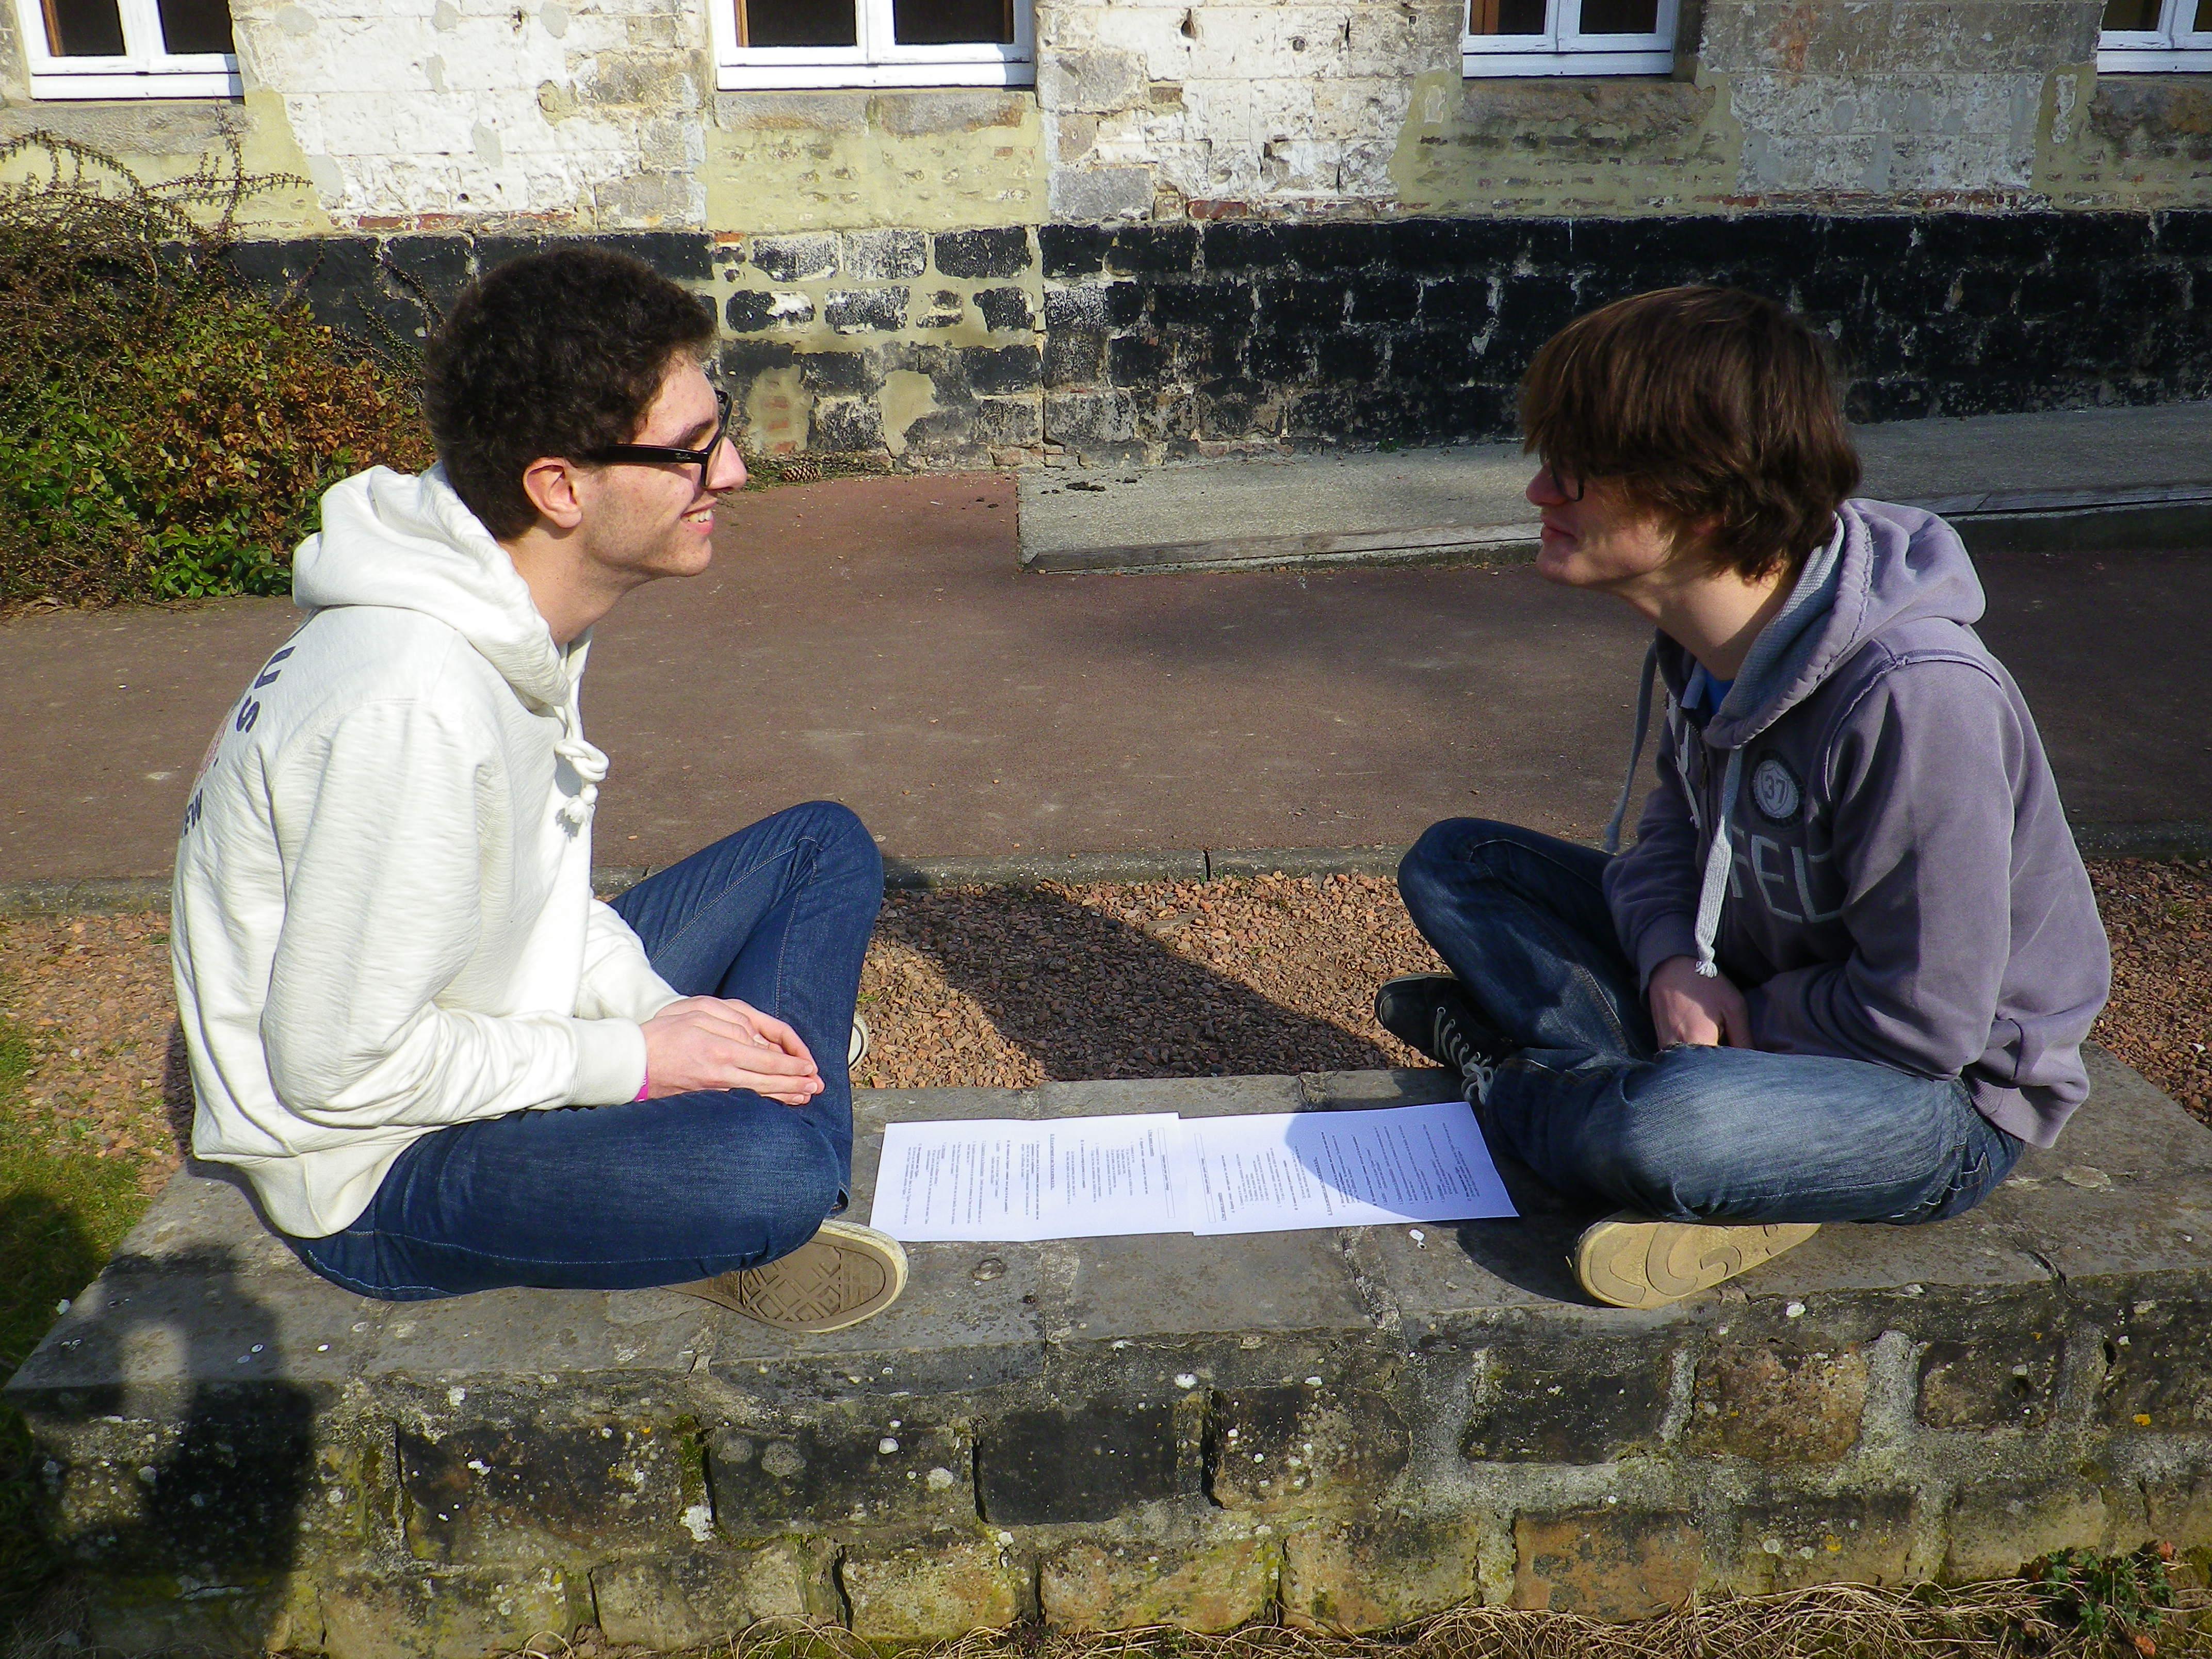 Les binomes s'éparpillent dans l'abbaye pour prendre trois quarts d'heure et discuter, mieux faire connaissance, parler de leur foi, etc.